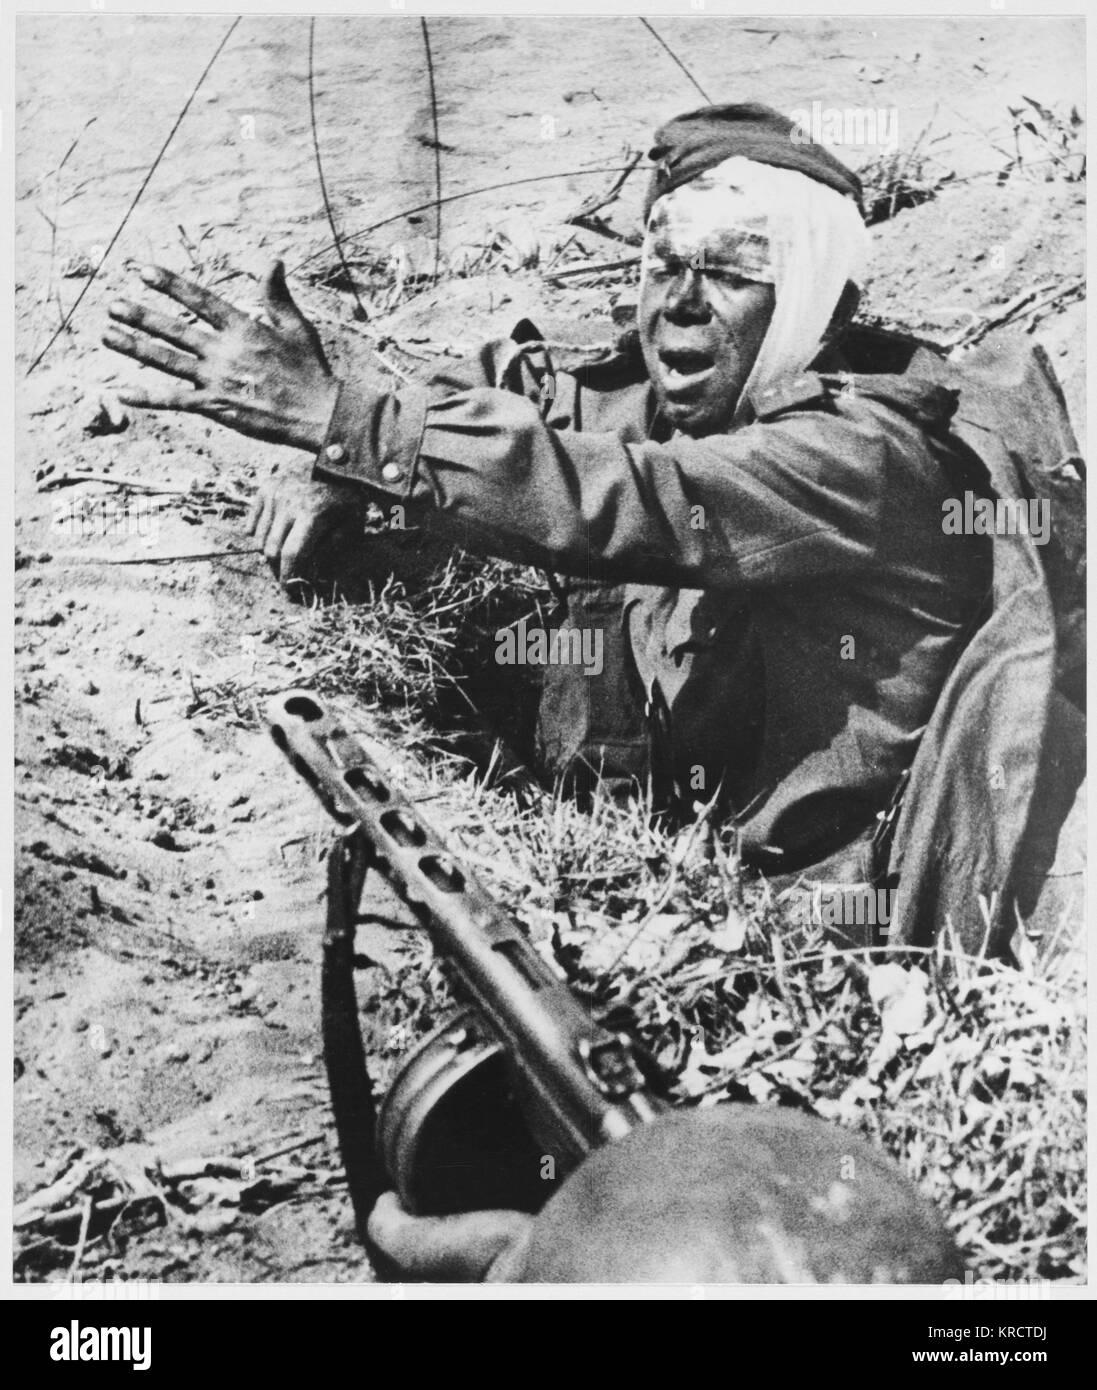 Un soldat soviétique conduit camarades malgré ses blessures. Date: 1942 - 1945 Photo Stock